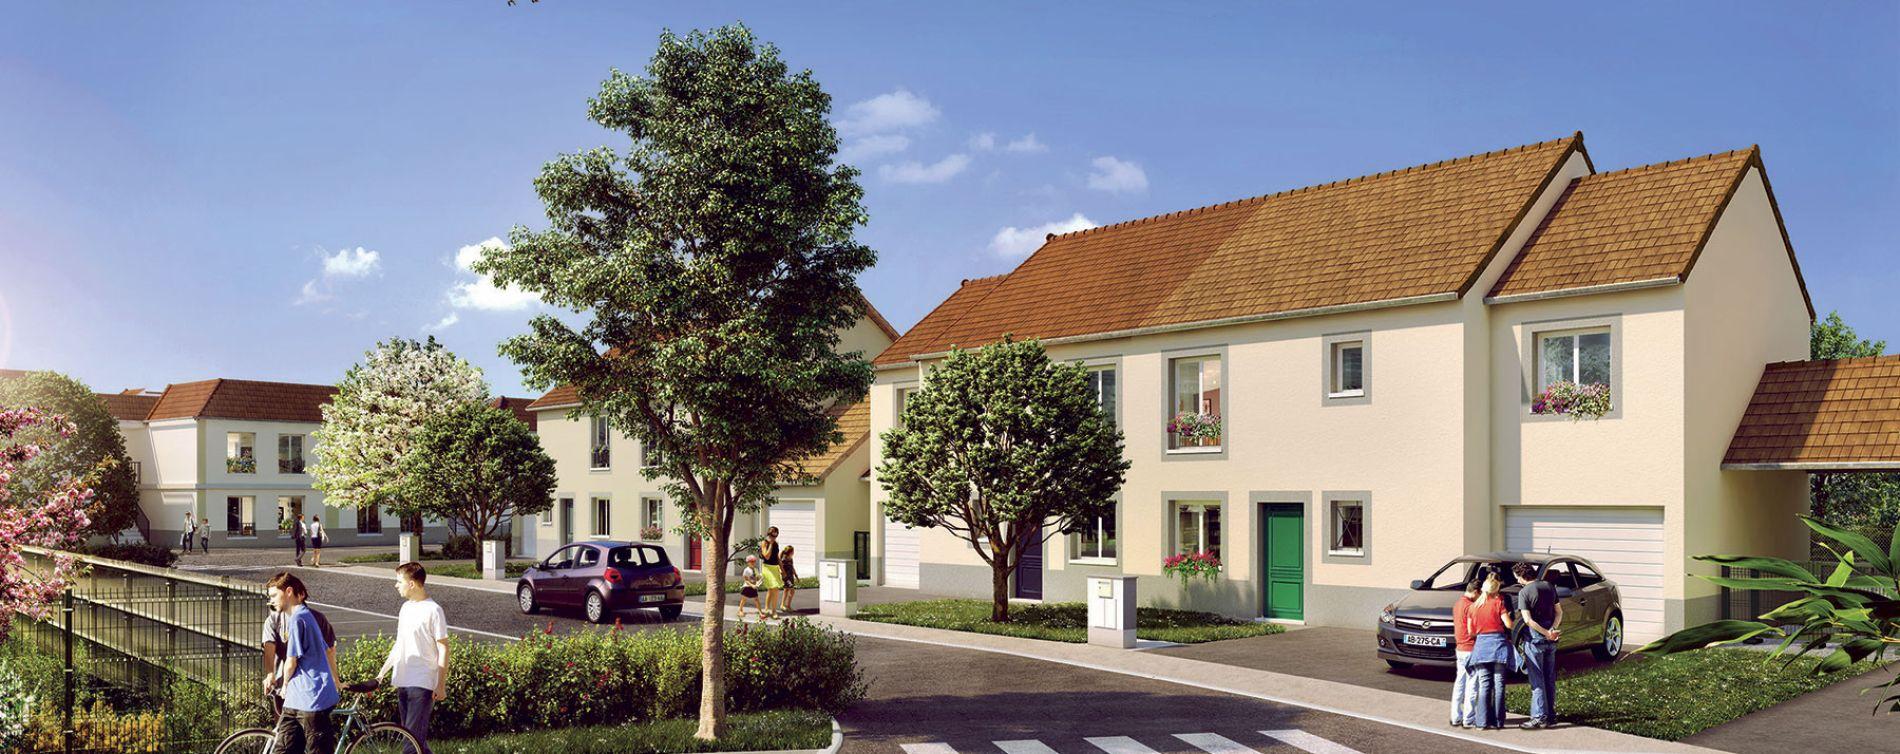 Résidence Le Jardin des Peintres à Ballancourt-sur-Essonne